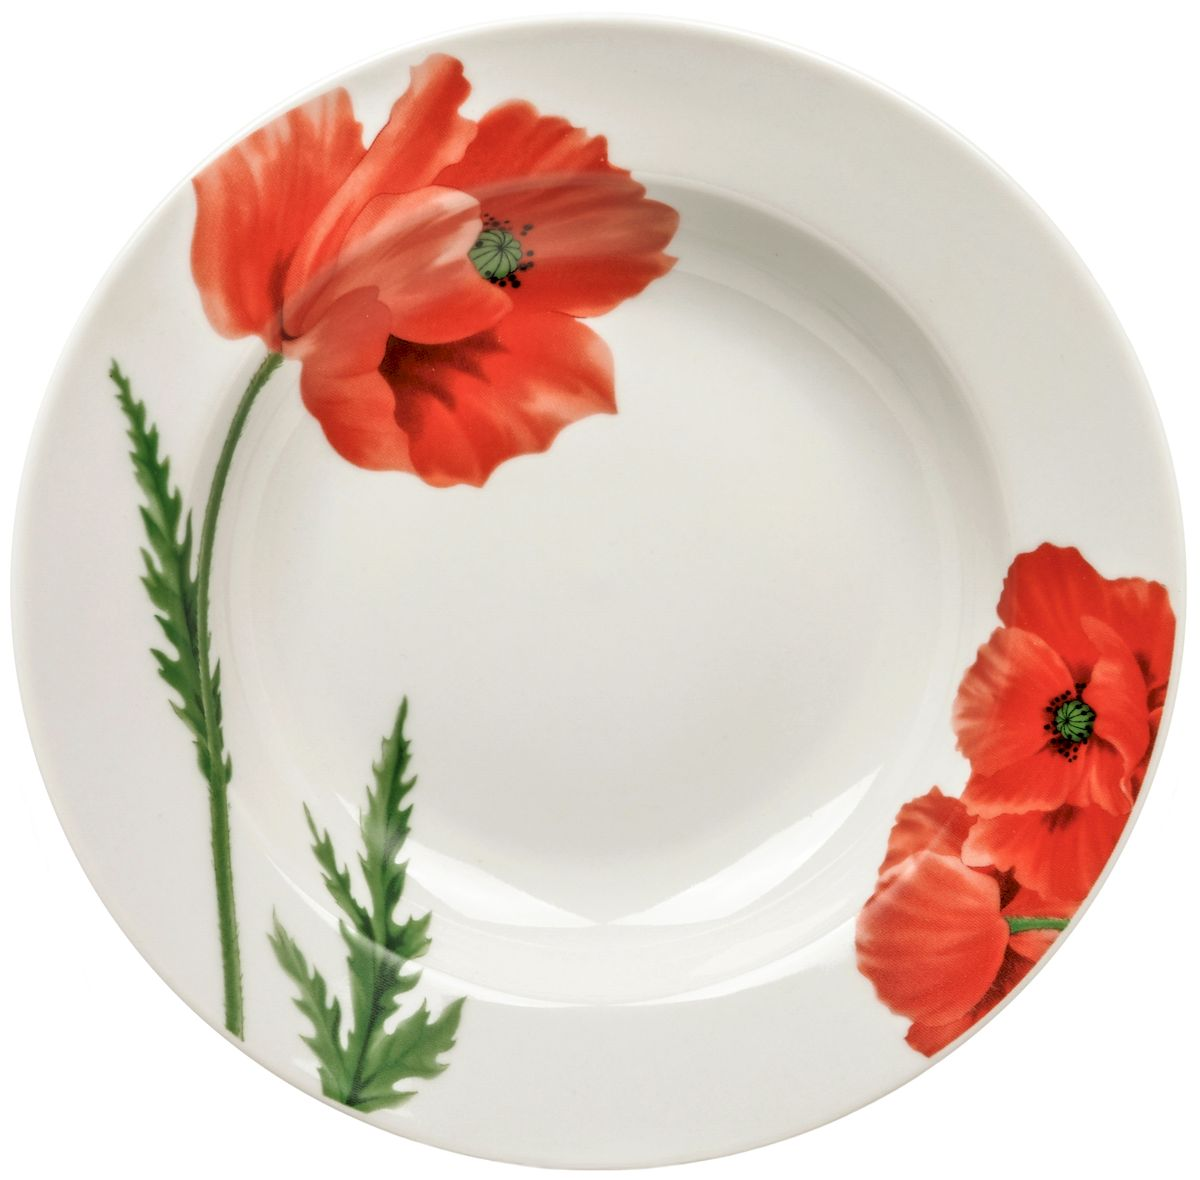 Тарелка глубокая Дулевский фарфор Маки, 20 см54 009312Посуду можно использовать в СВЧ и мыть в посудомоечных машинах. Не рекомендуется использовать абразивные моющие средства.